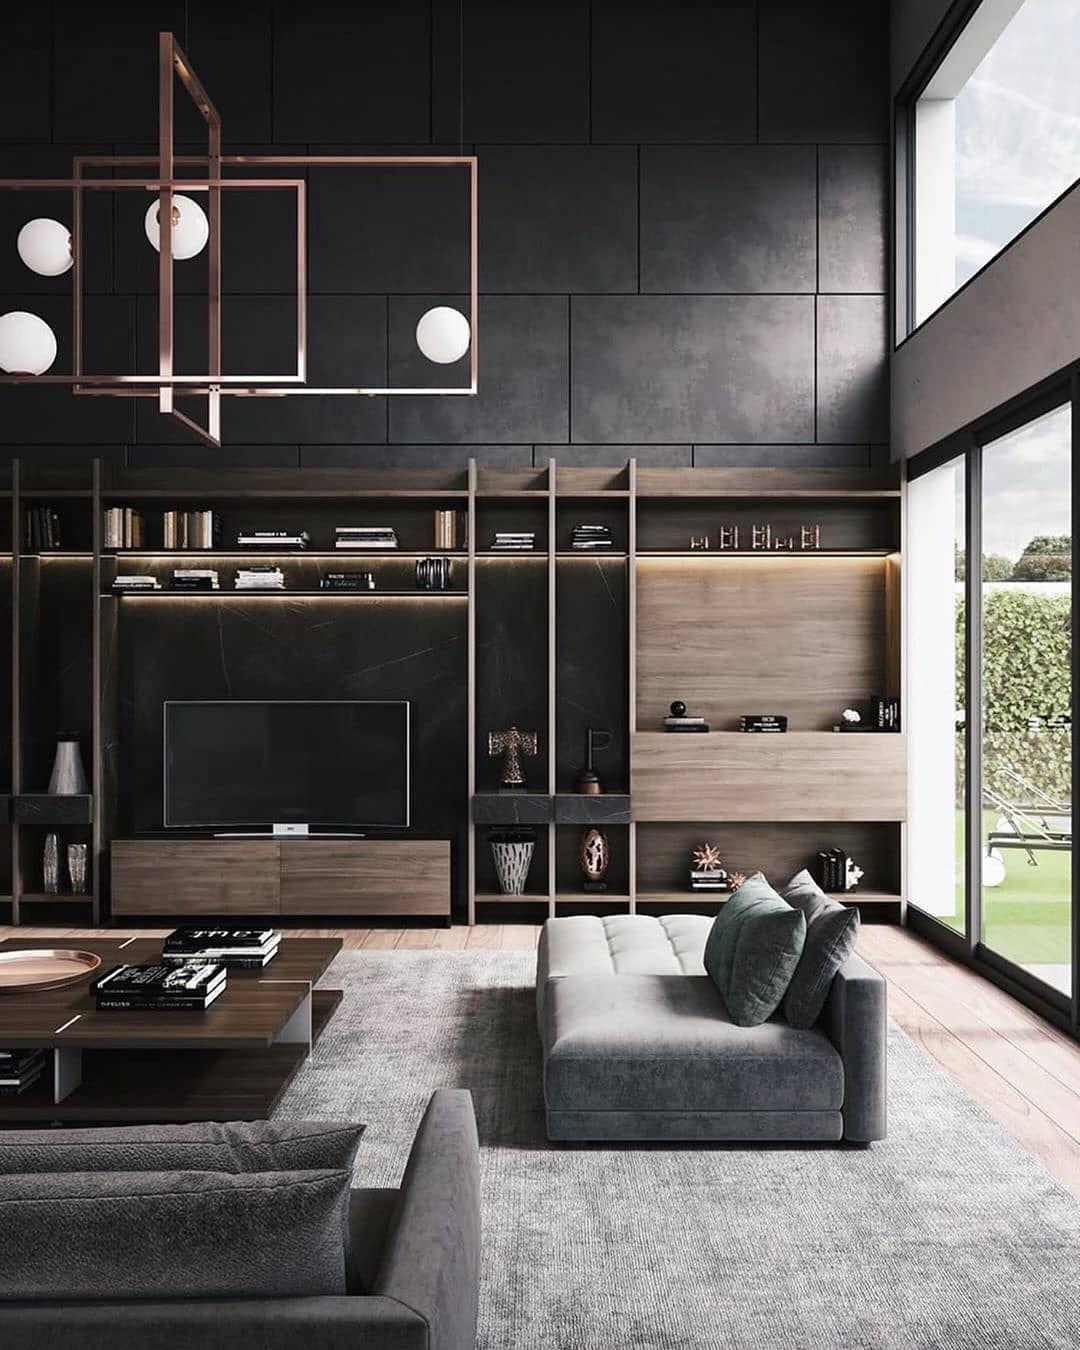 Home Decoration As An Art Interior Design Living Room House Design House Interior